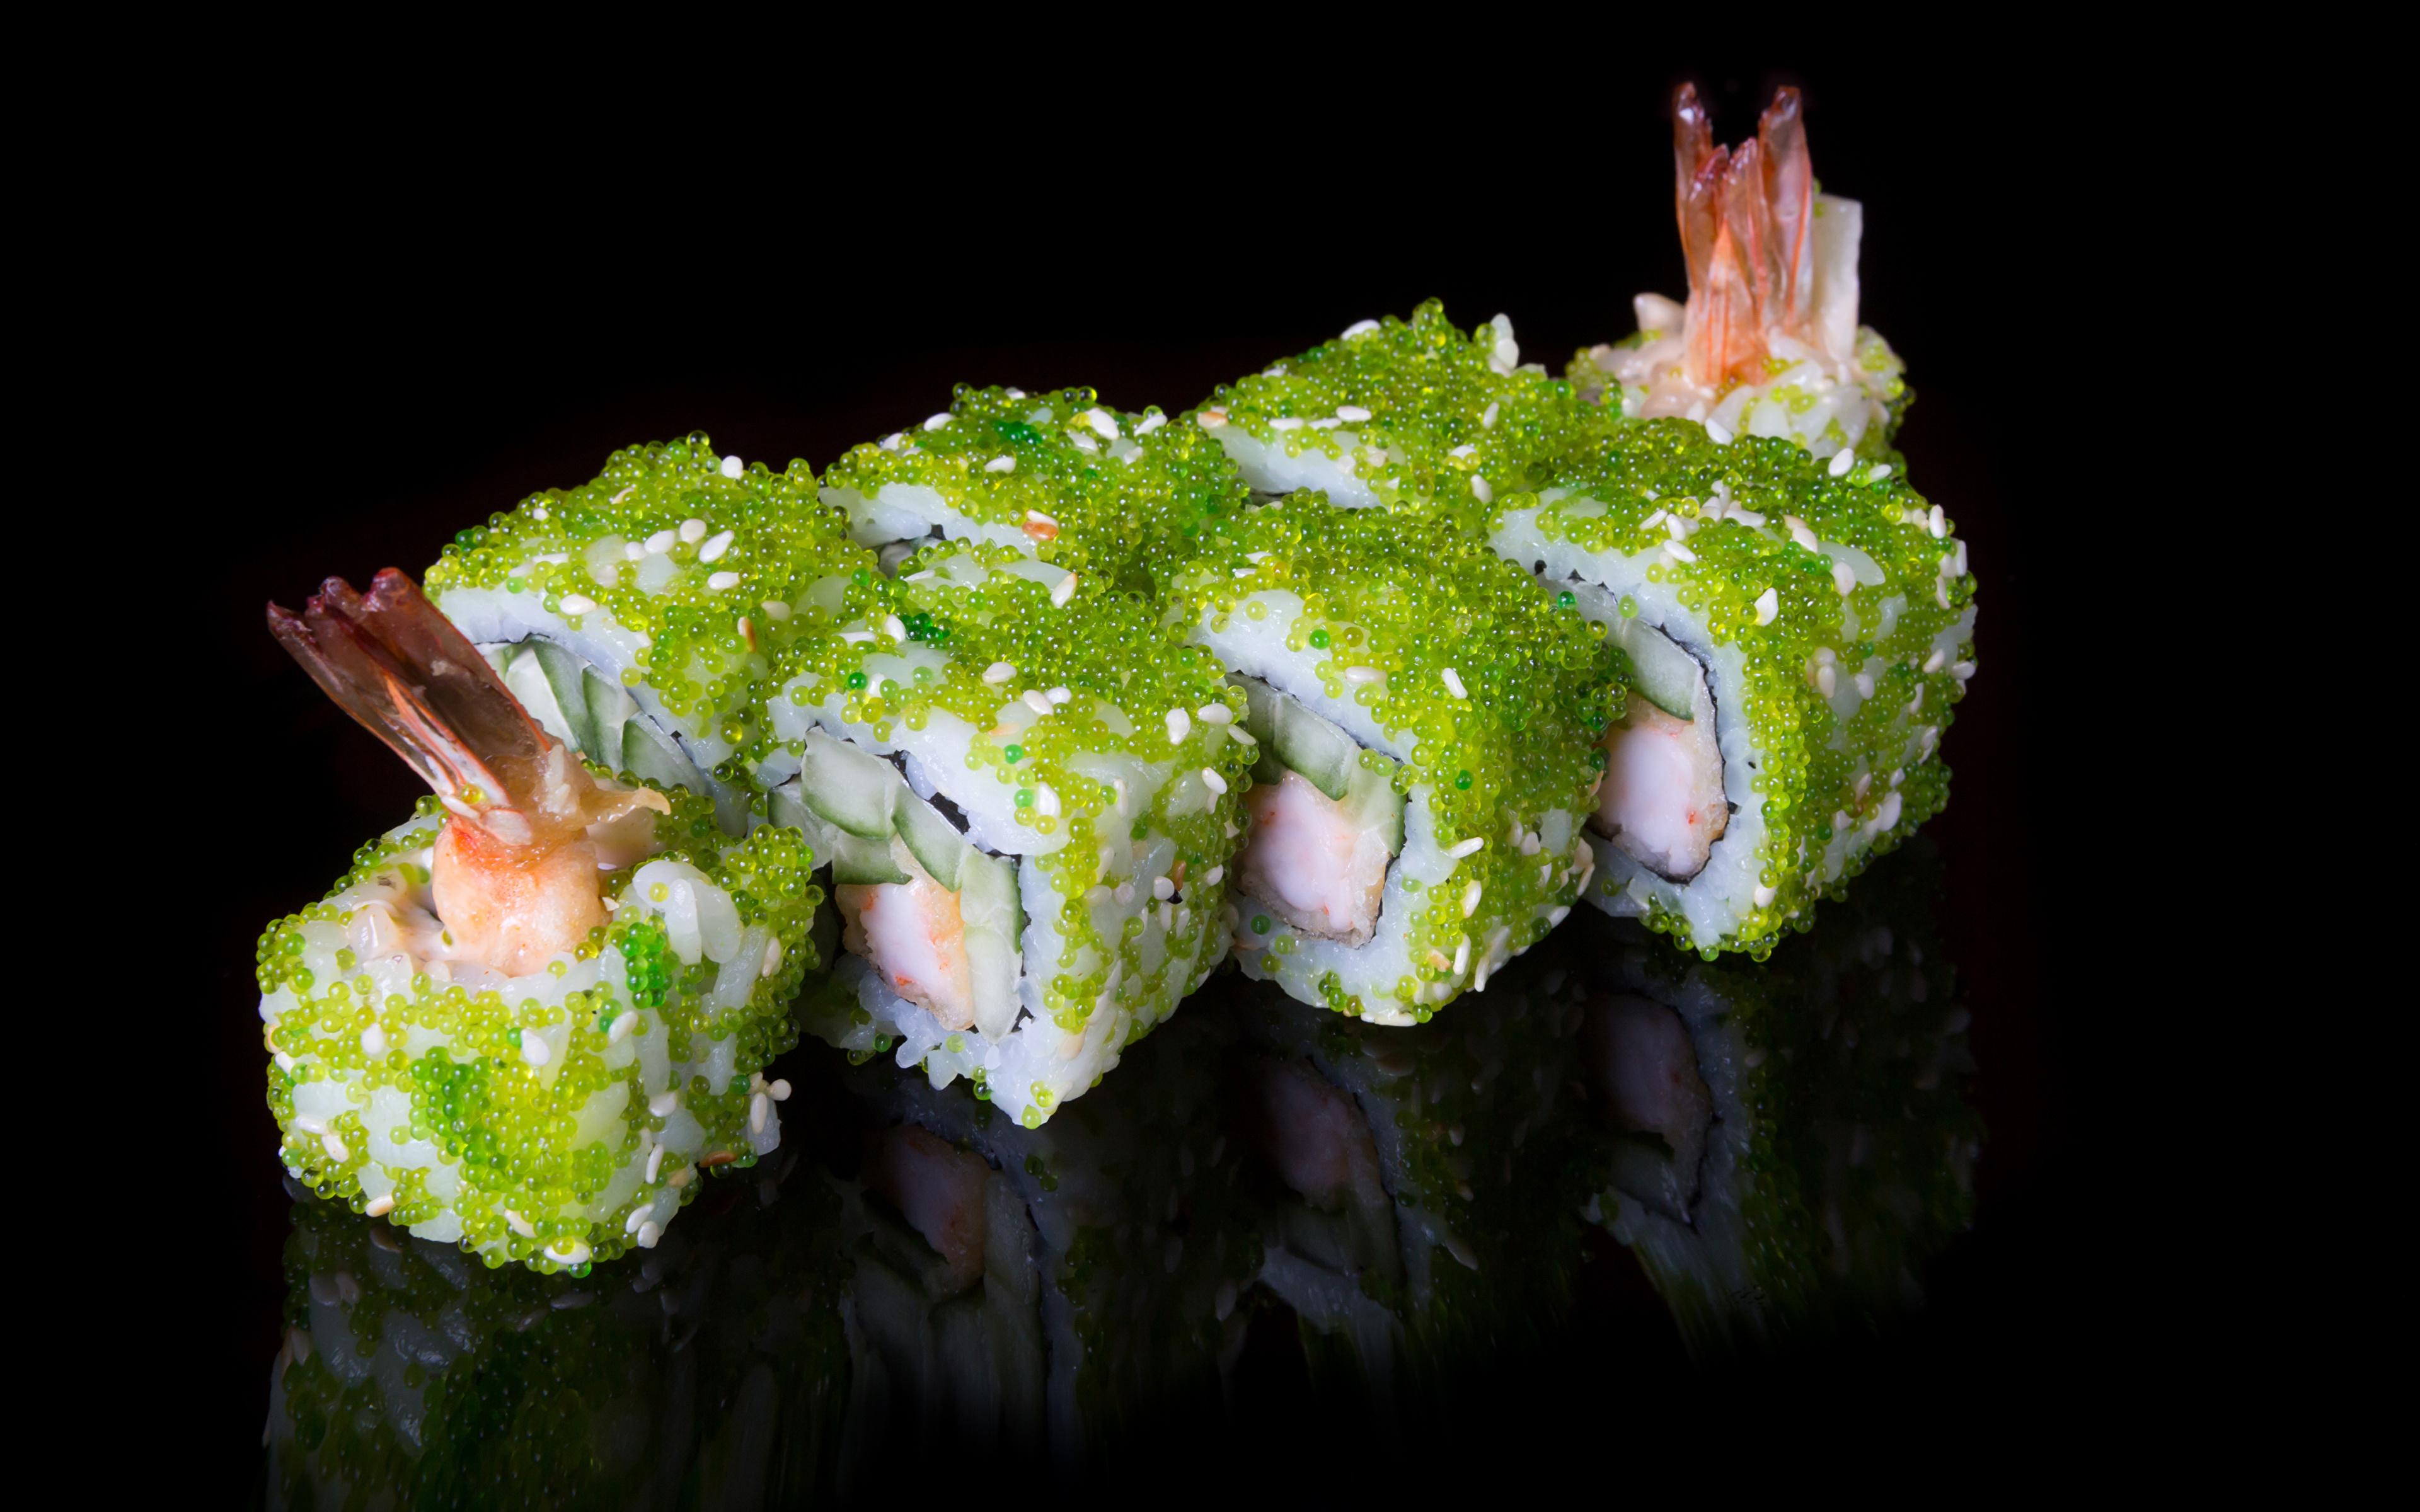 Обои для рабочего стола суси Пища Черный фон Морепродукты 3840x2400 Суши Еда Продукты питания на черном фоне